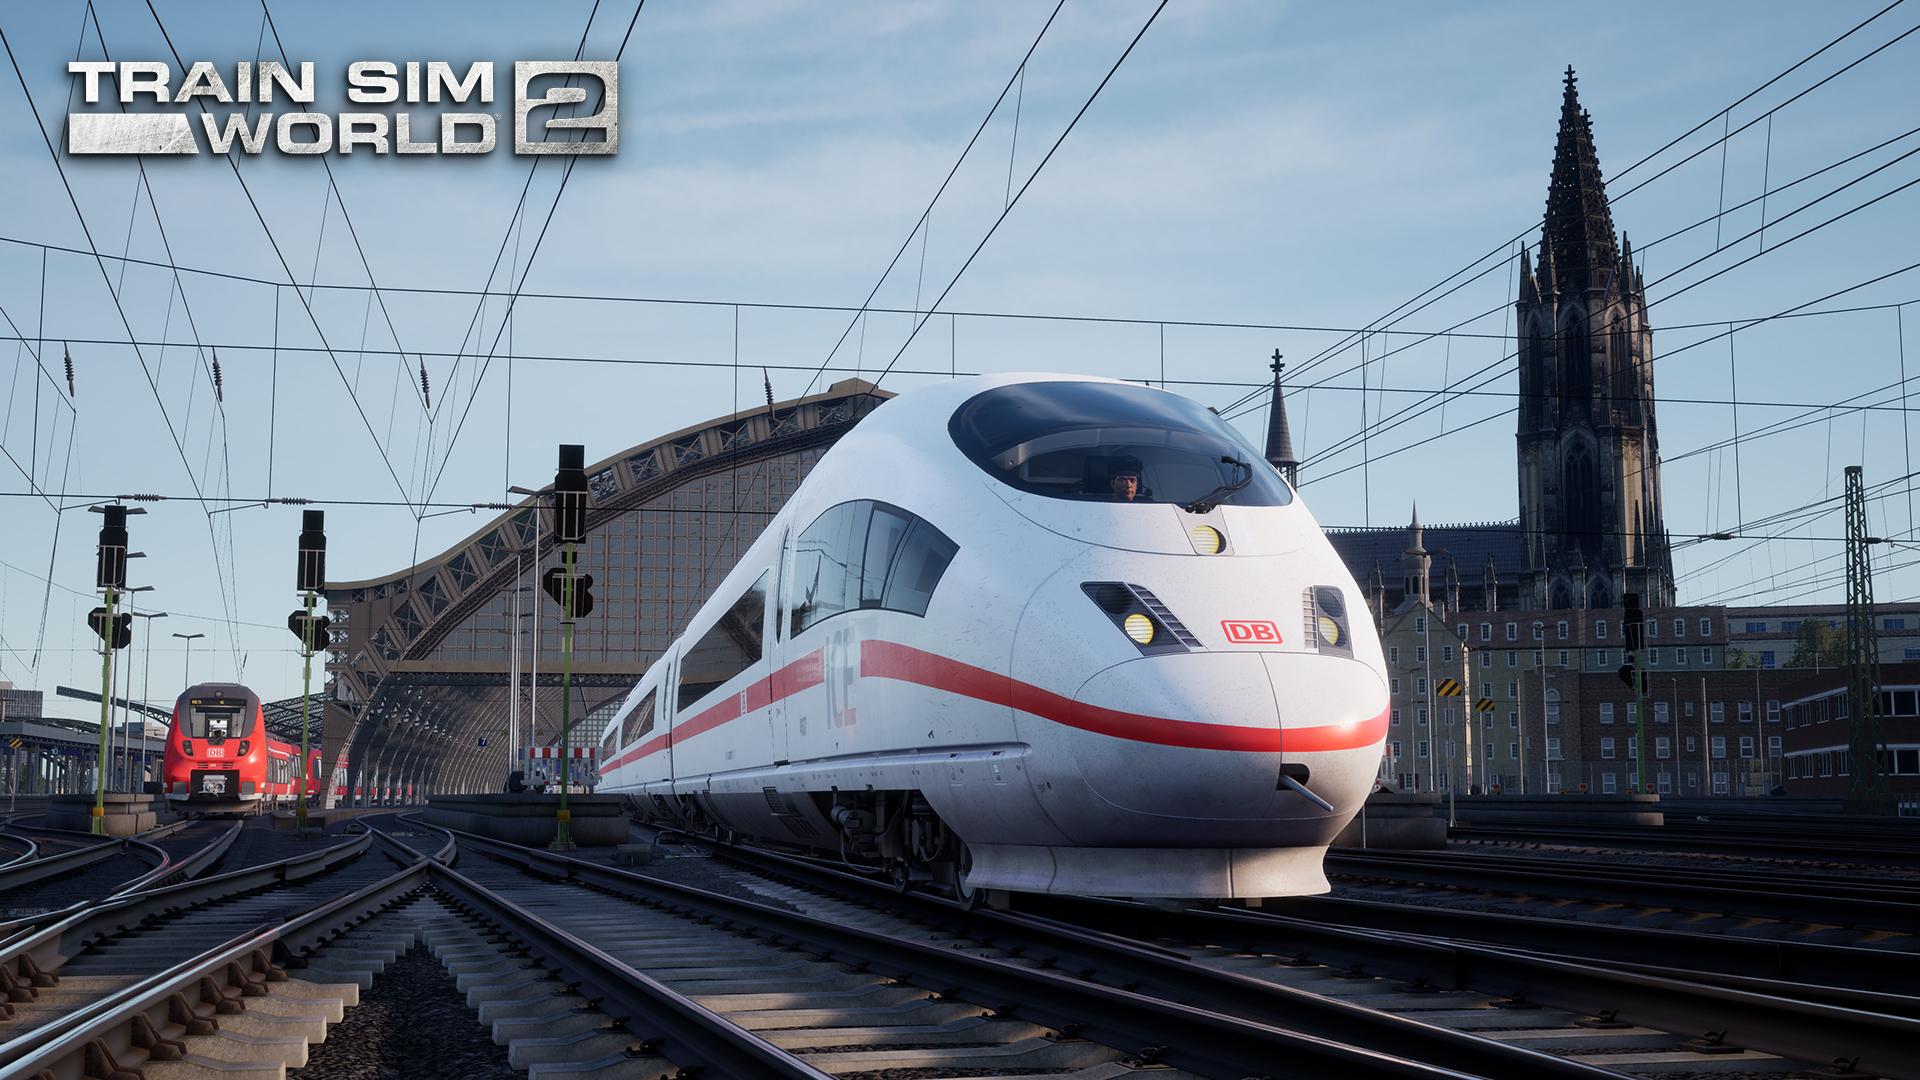 В Steam стал доступен предзаказ Train Sim World 2